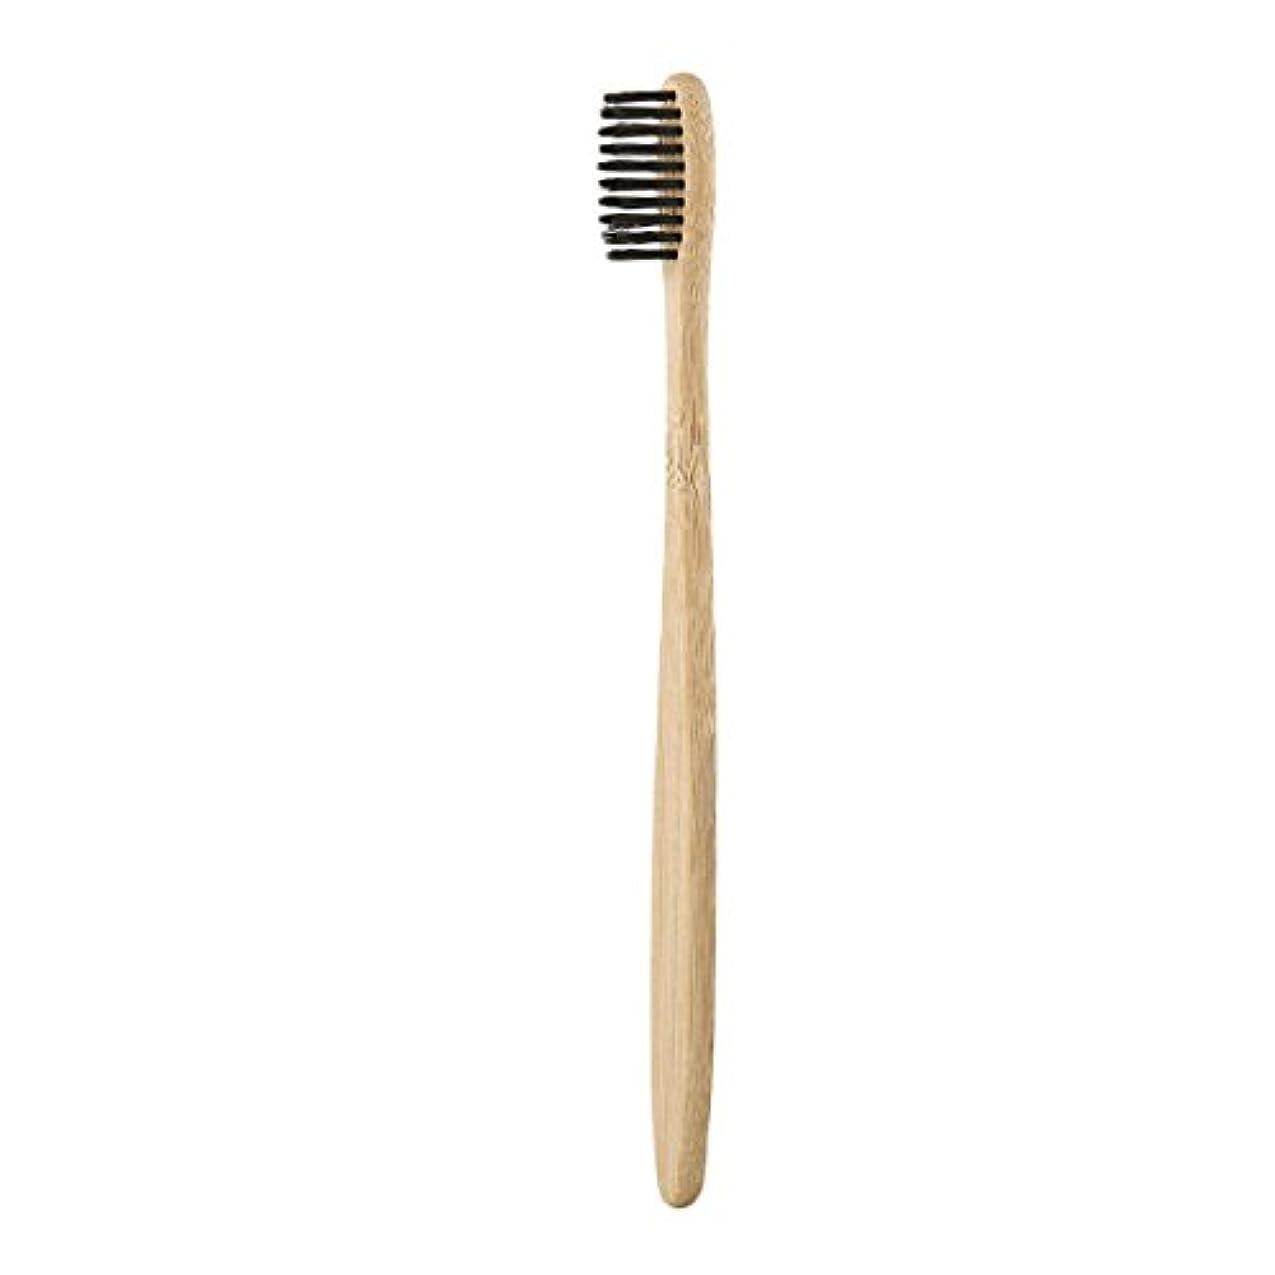 浮く氷農場手作りの快適な環境に優しい環境歯ブラシ竹ハンドル歯ブラシ炭毛健康オーラルケア-ウッドカラー